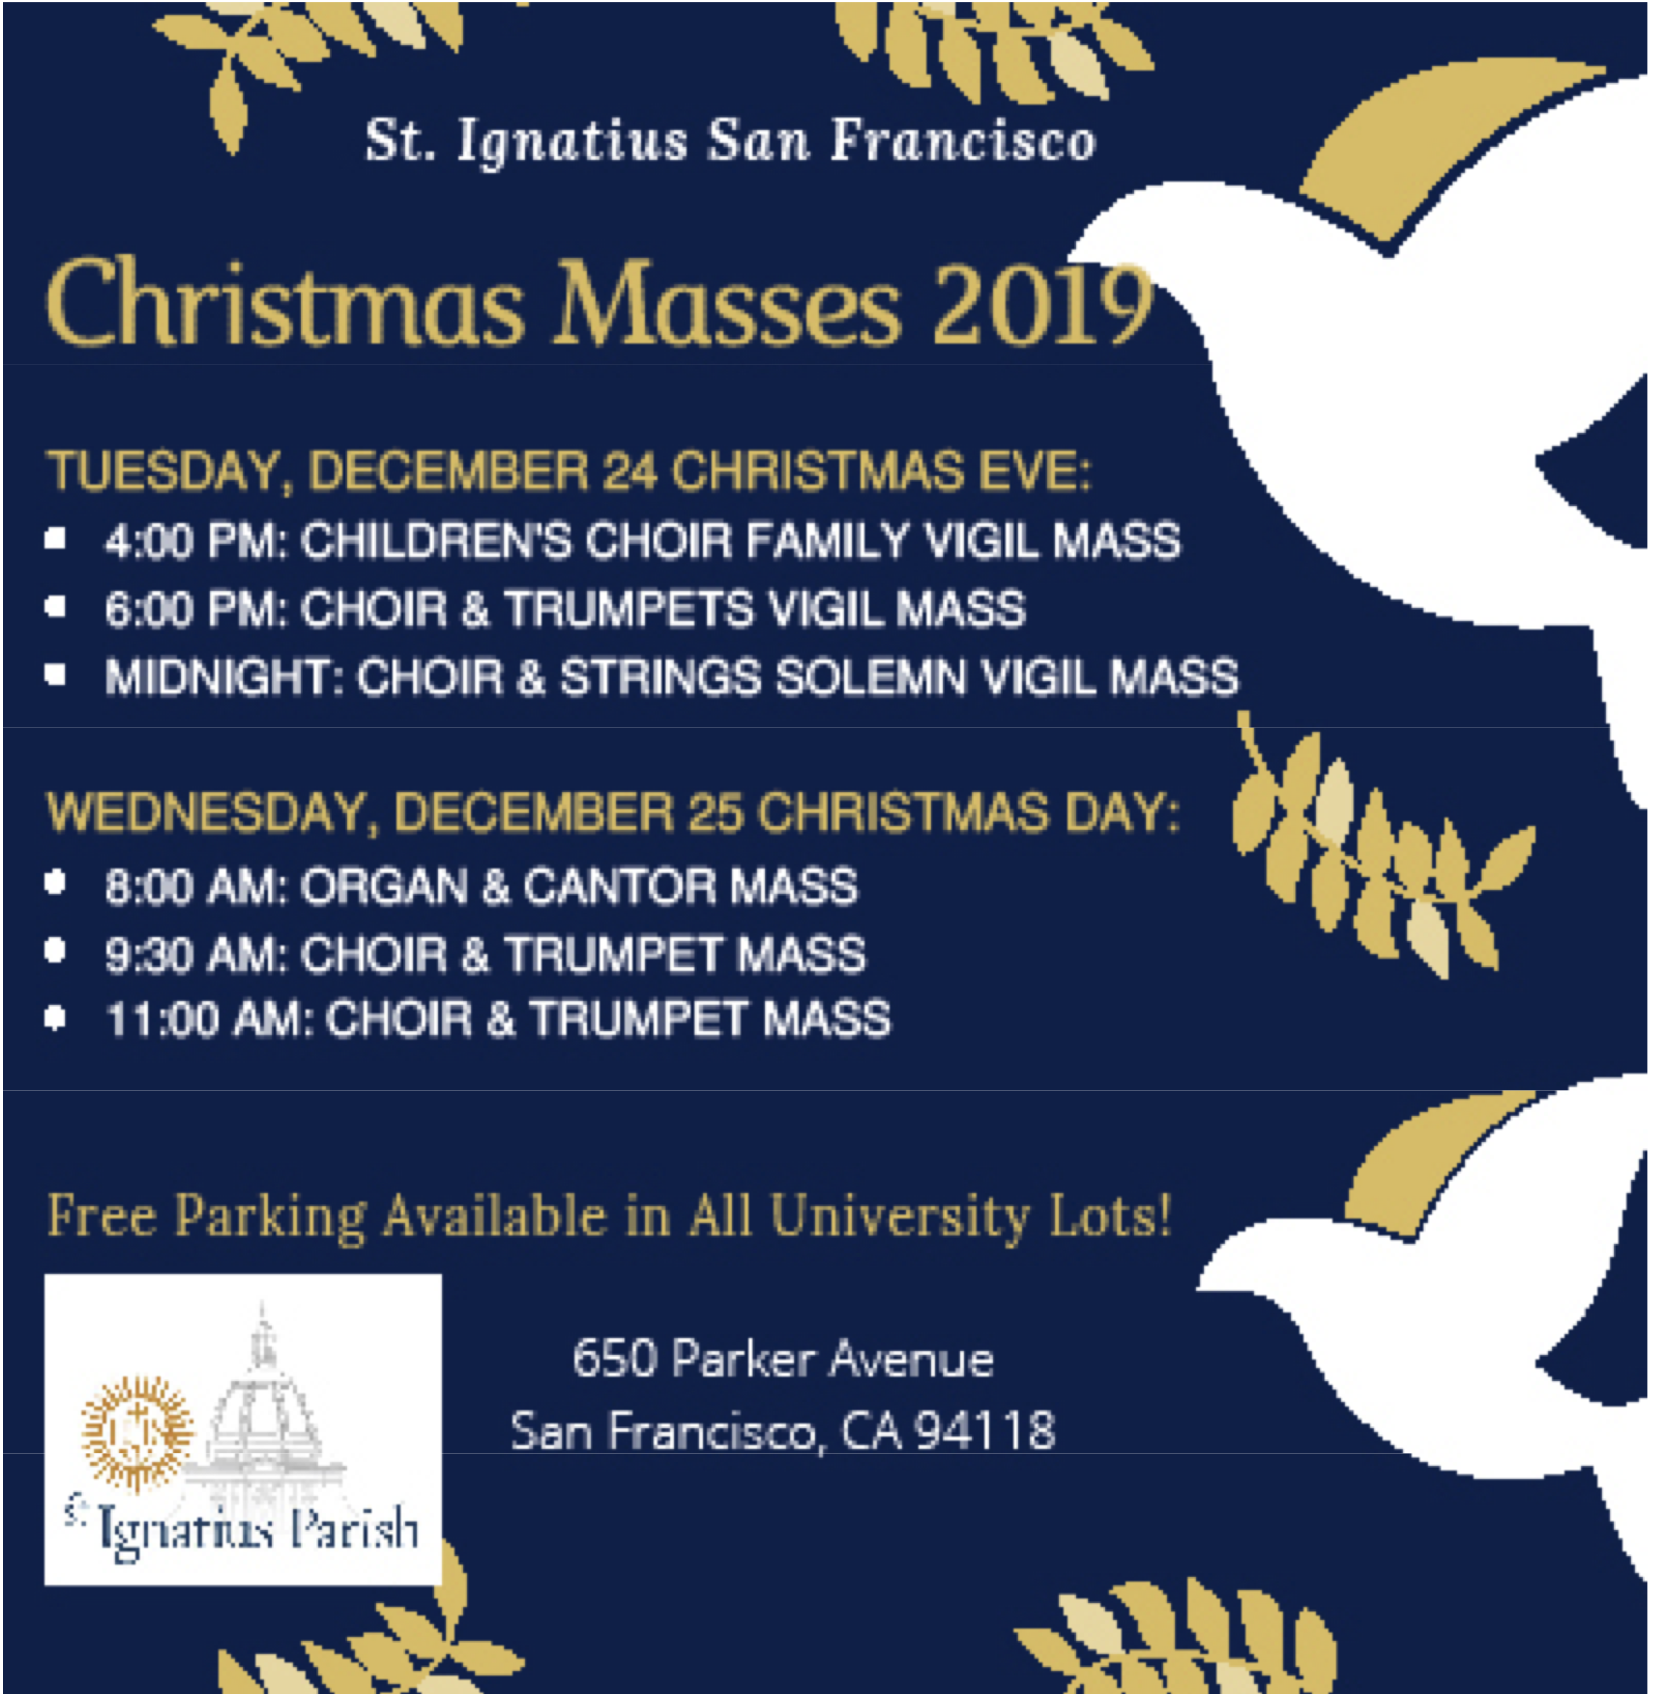 St Ignatius Parish Christmas Mass Schedule St Ignatius